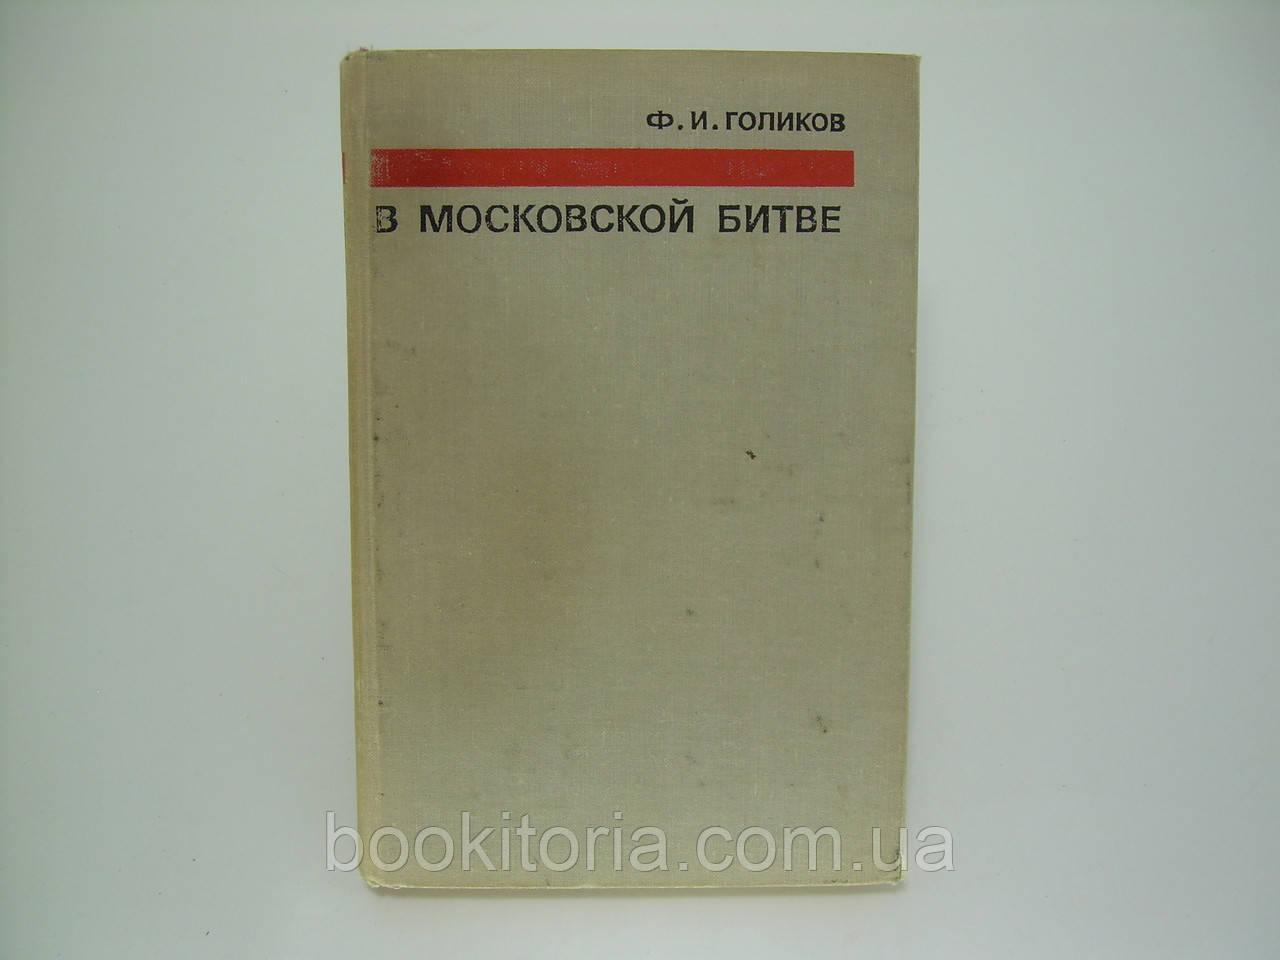 Голиков Ф.И. В Московской битве (б/у)., фото 1